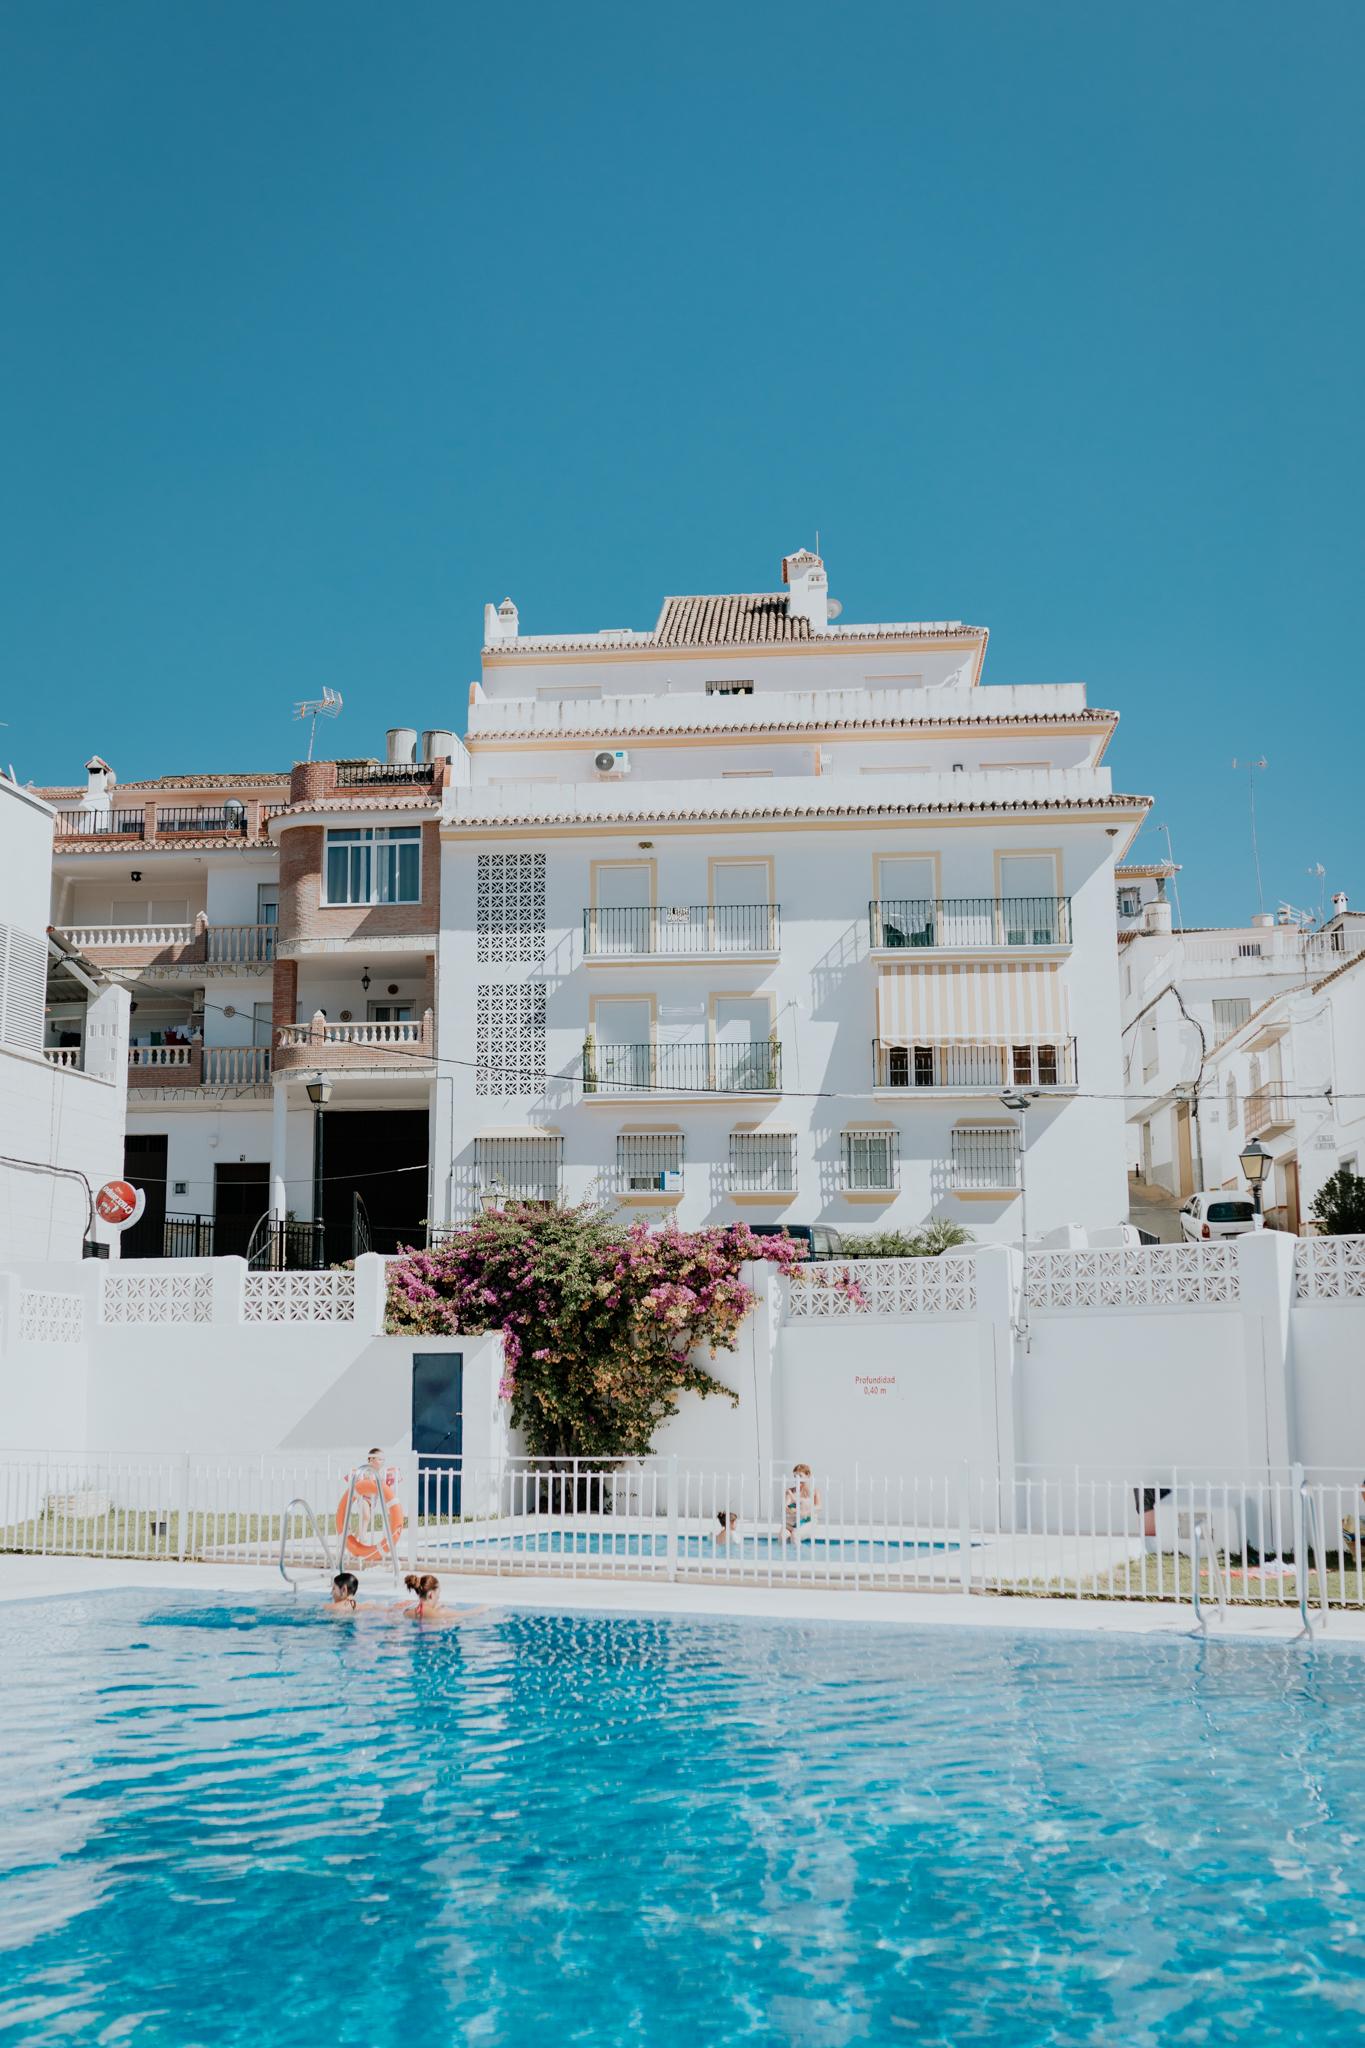 Natalie Skoric - Spain Travel Photography-26.jpg